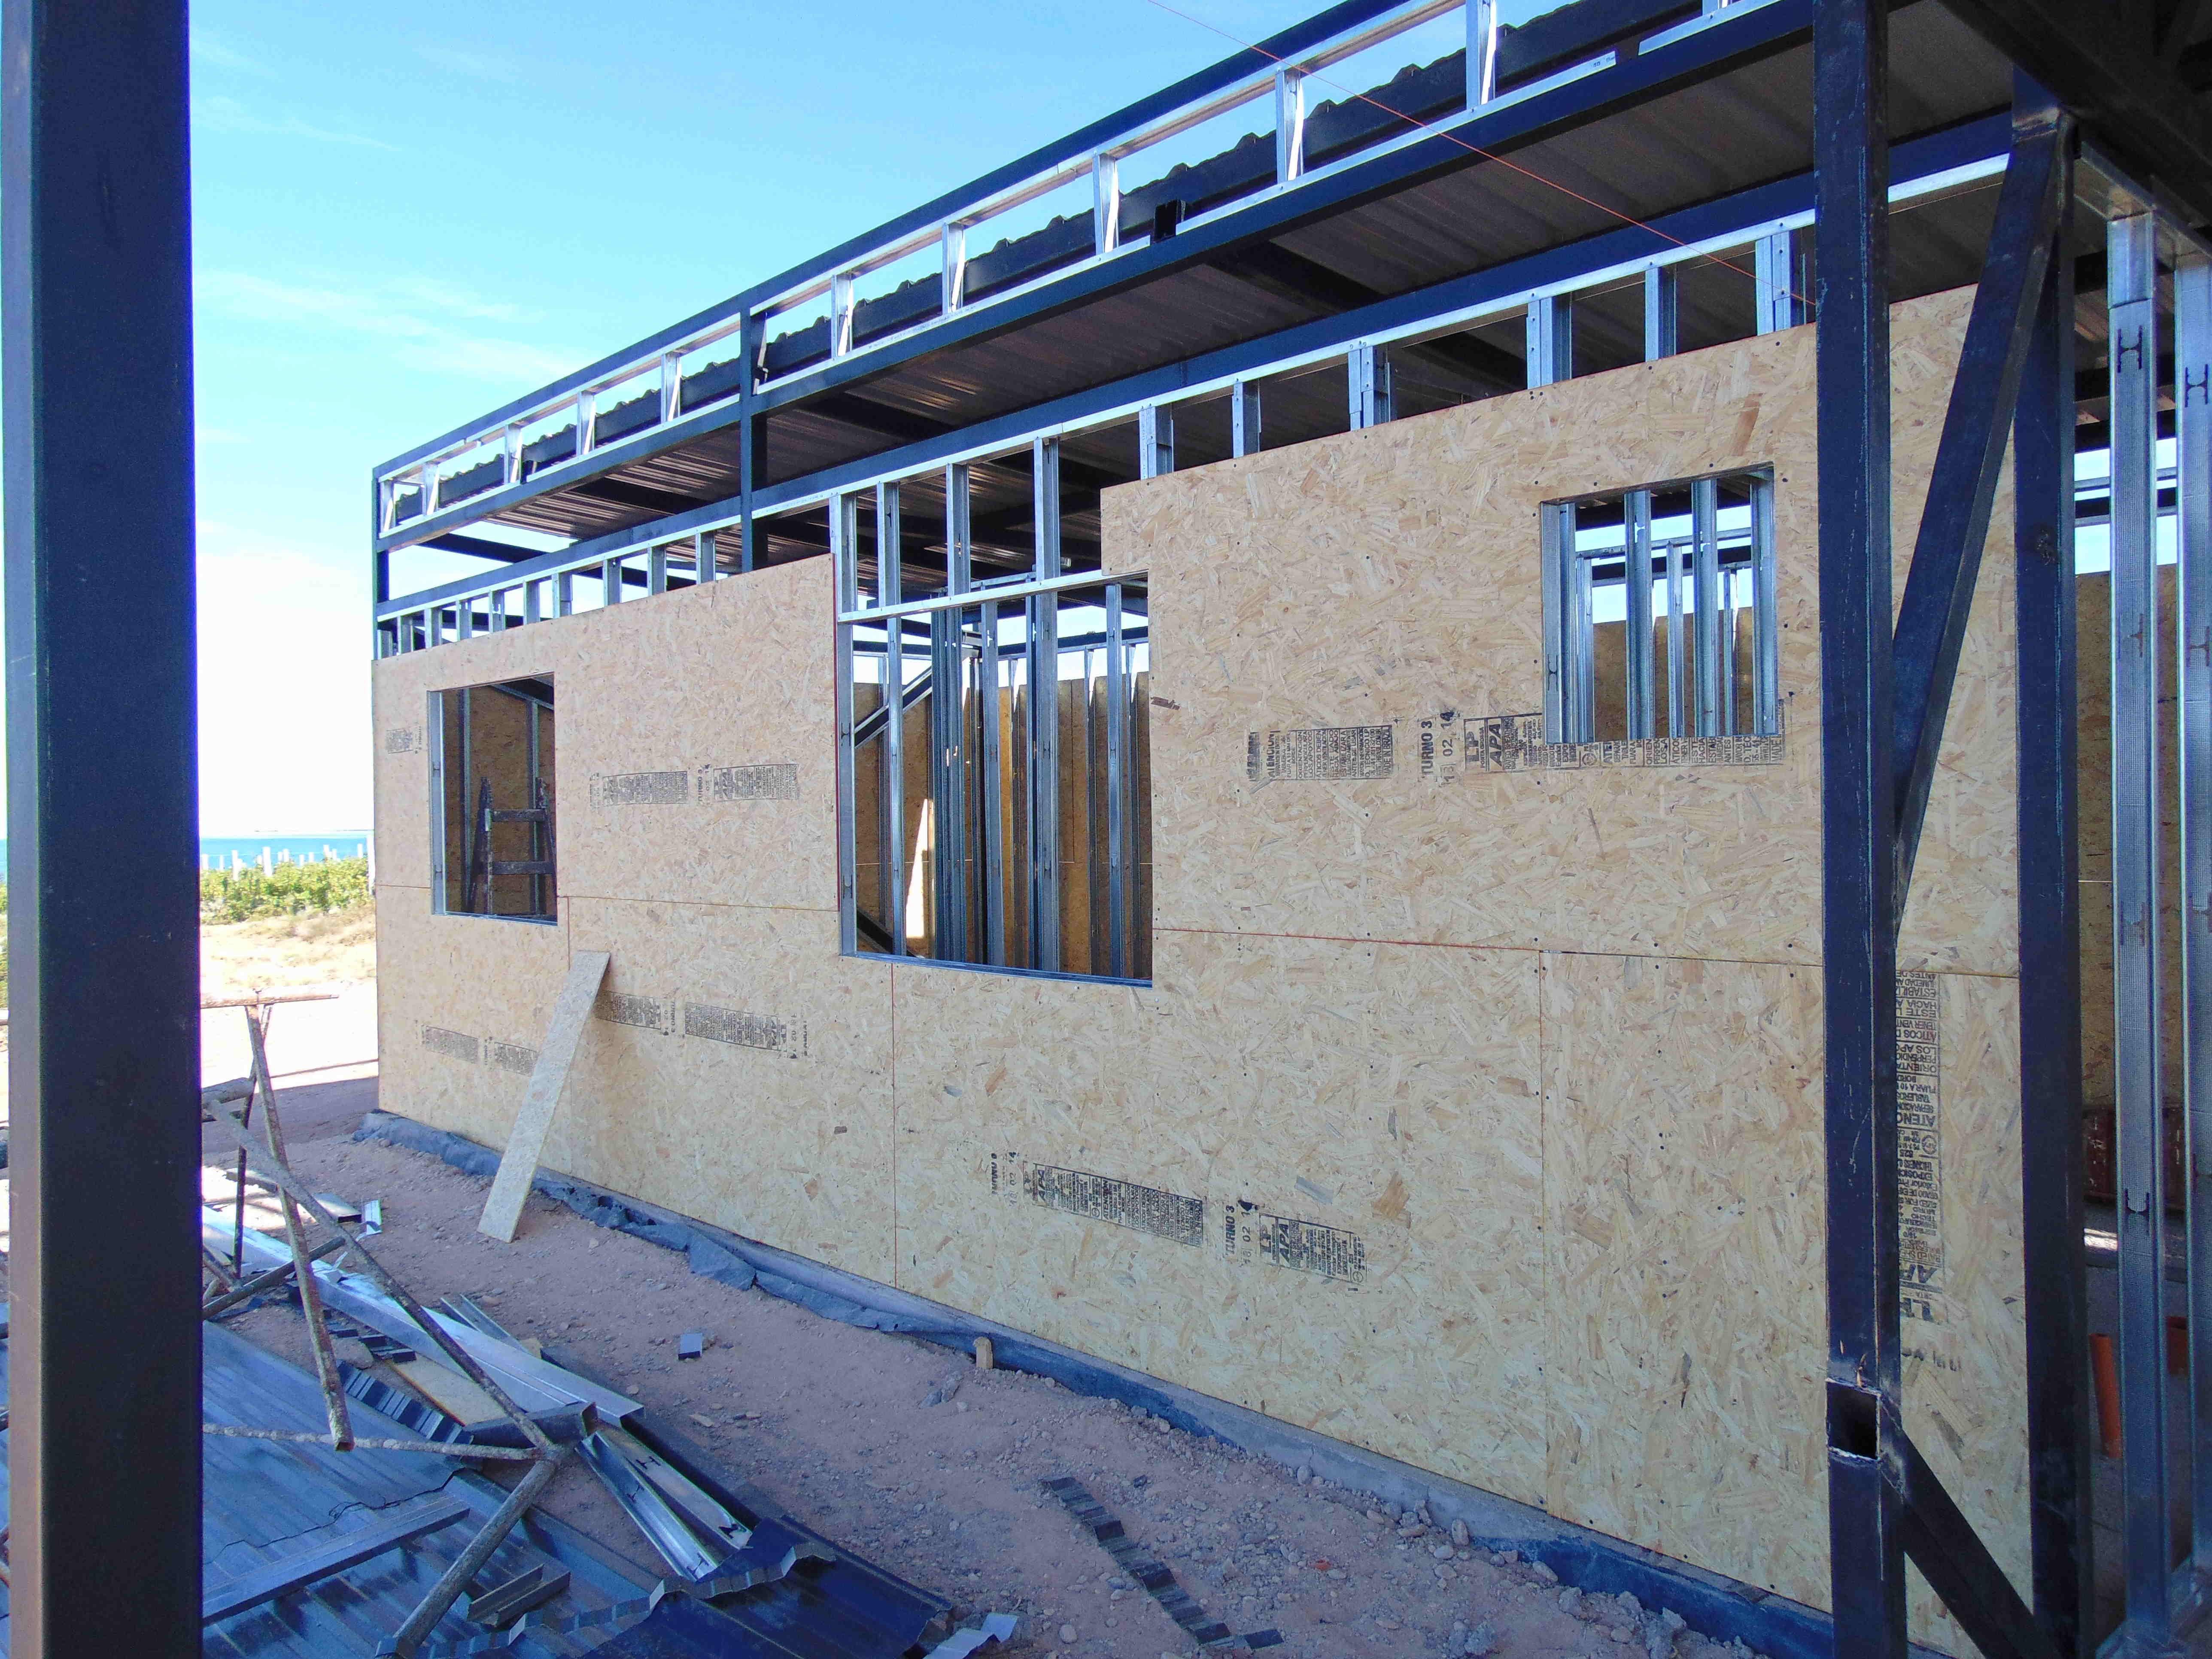 Construcci n en seco foro ver tema casas con hierro for Foro casas con vida